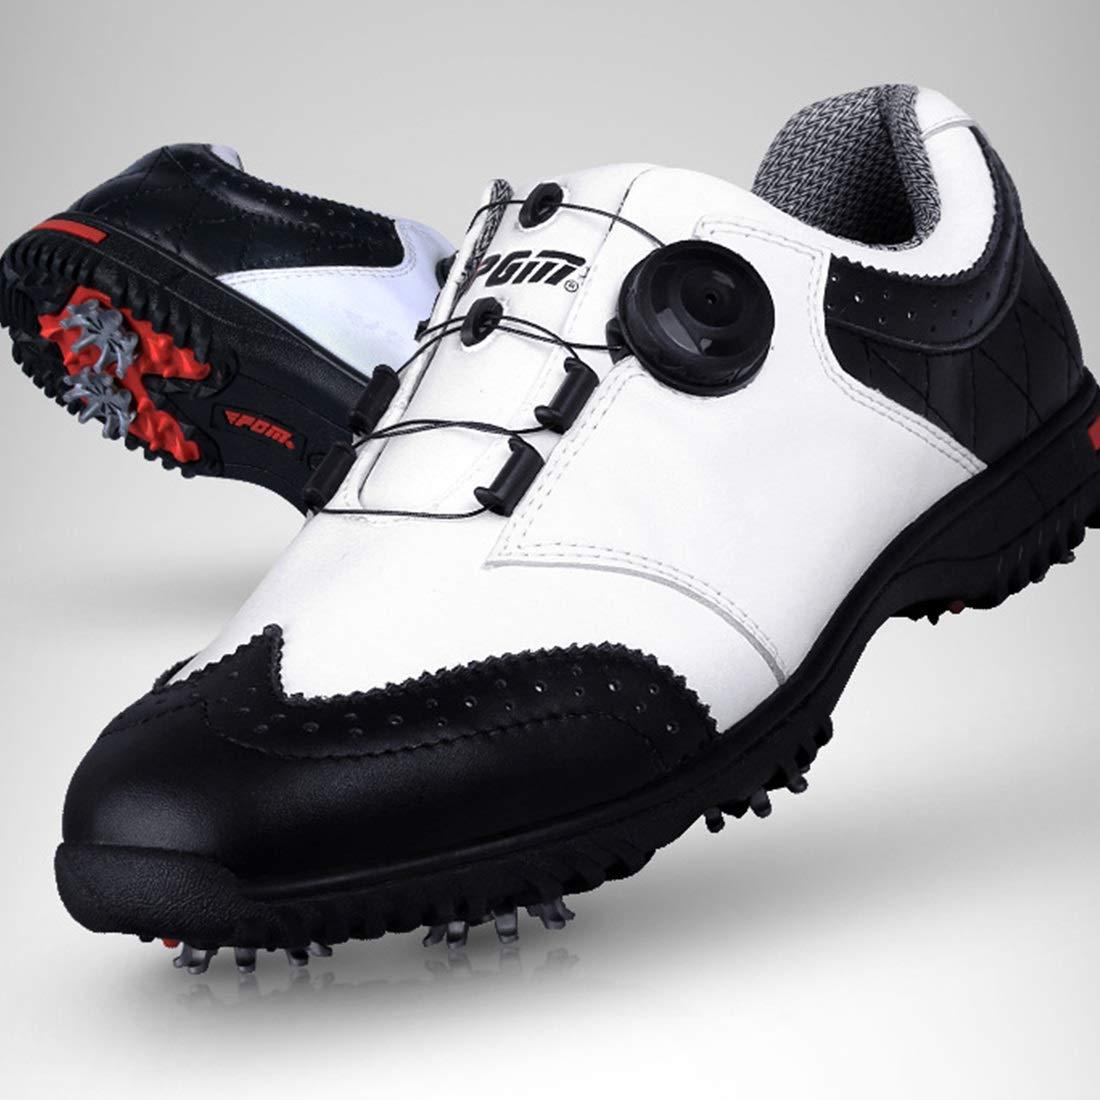 HappyPlatform Golfschuhe Spikes weniger Schuhe Für Wasserdichte Anti-Rutsch-Kuhfell-Rotationstasten Abriebfestigkeit multifunktional Für Schuhe den Außenbereich (Farbe : schwarz, Größe : 40) - 81f71e